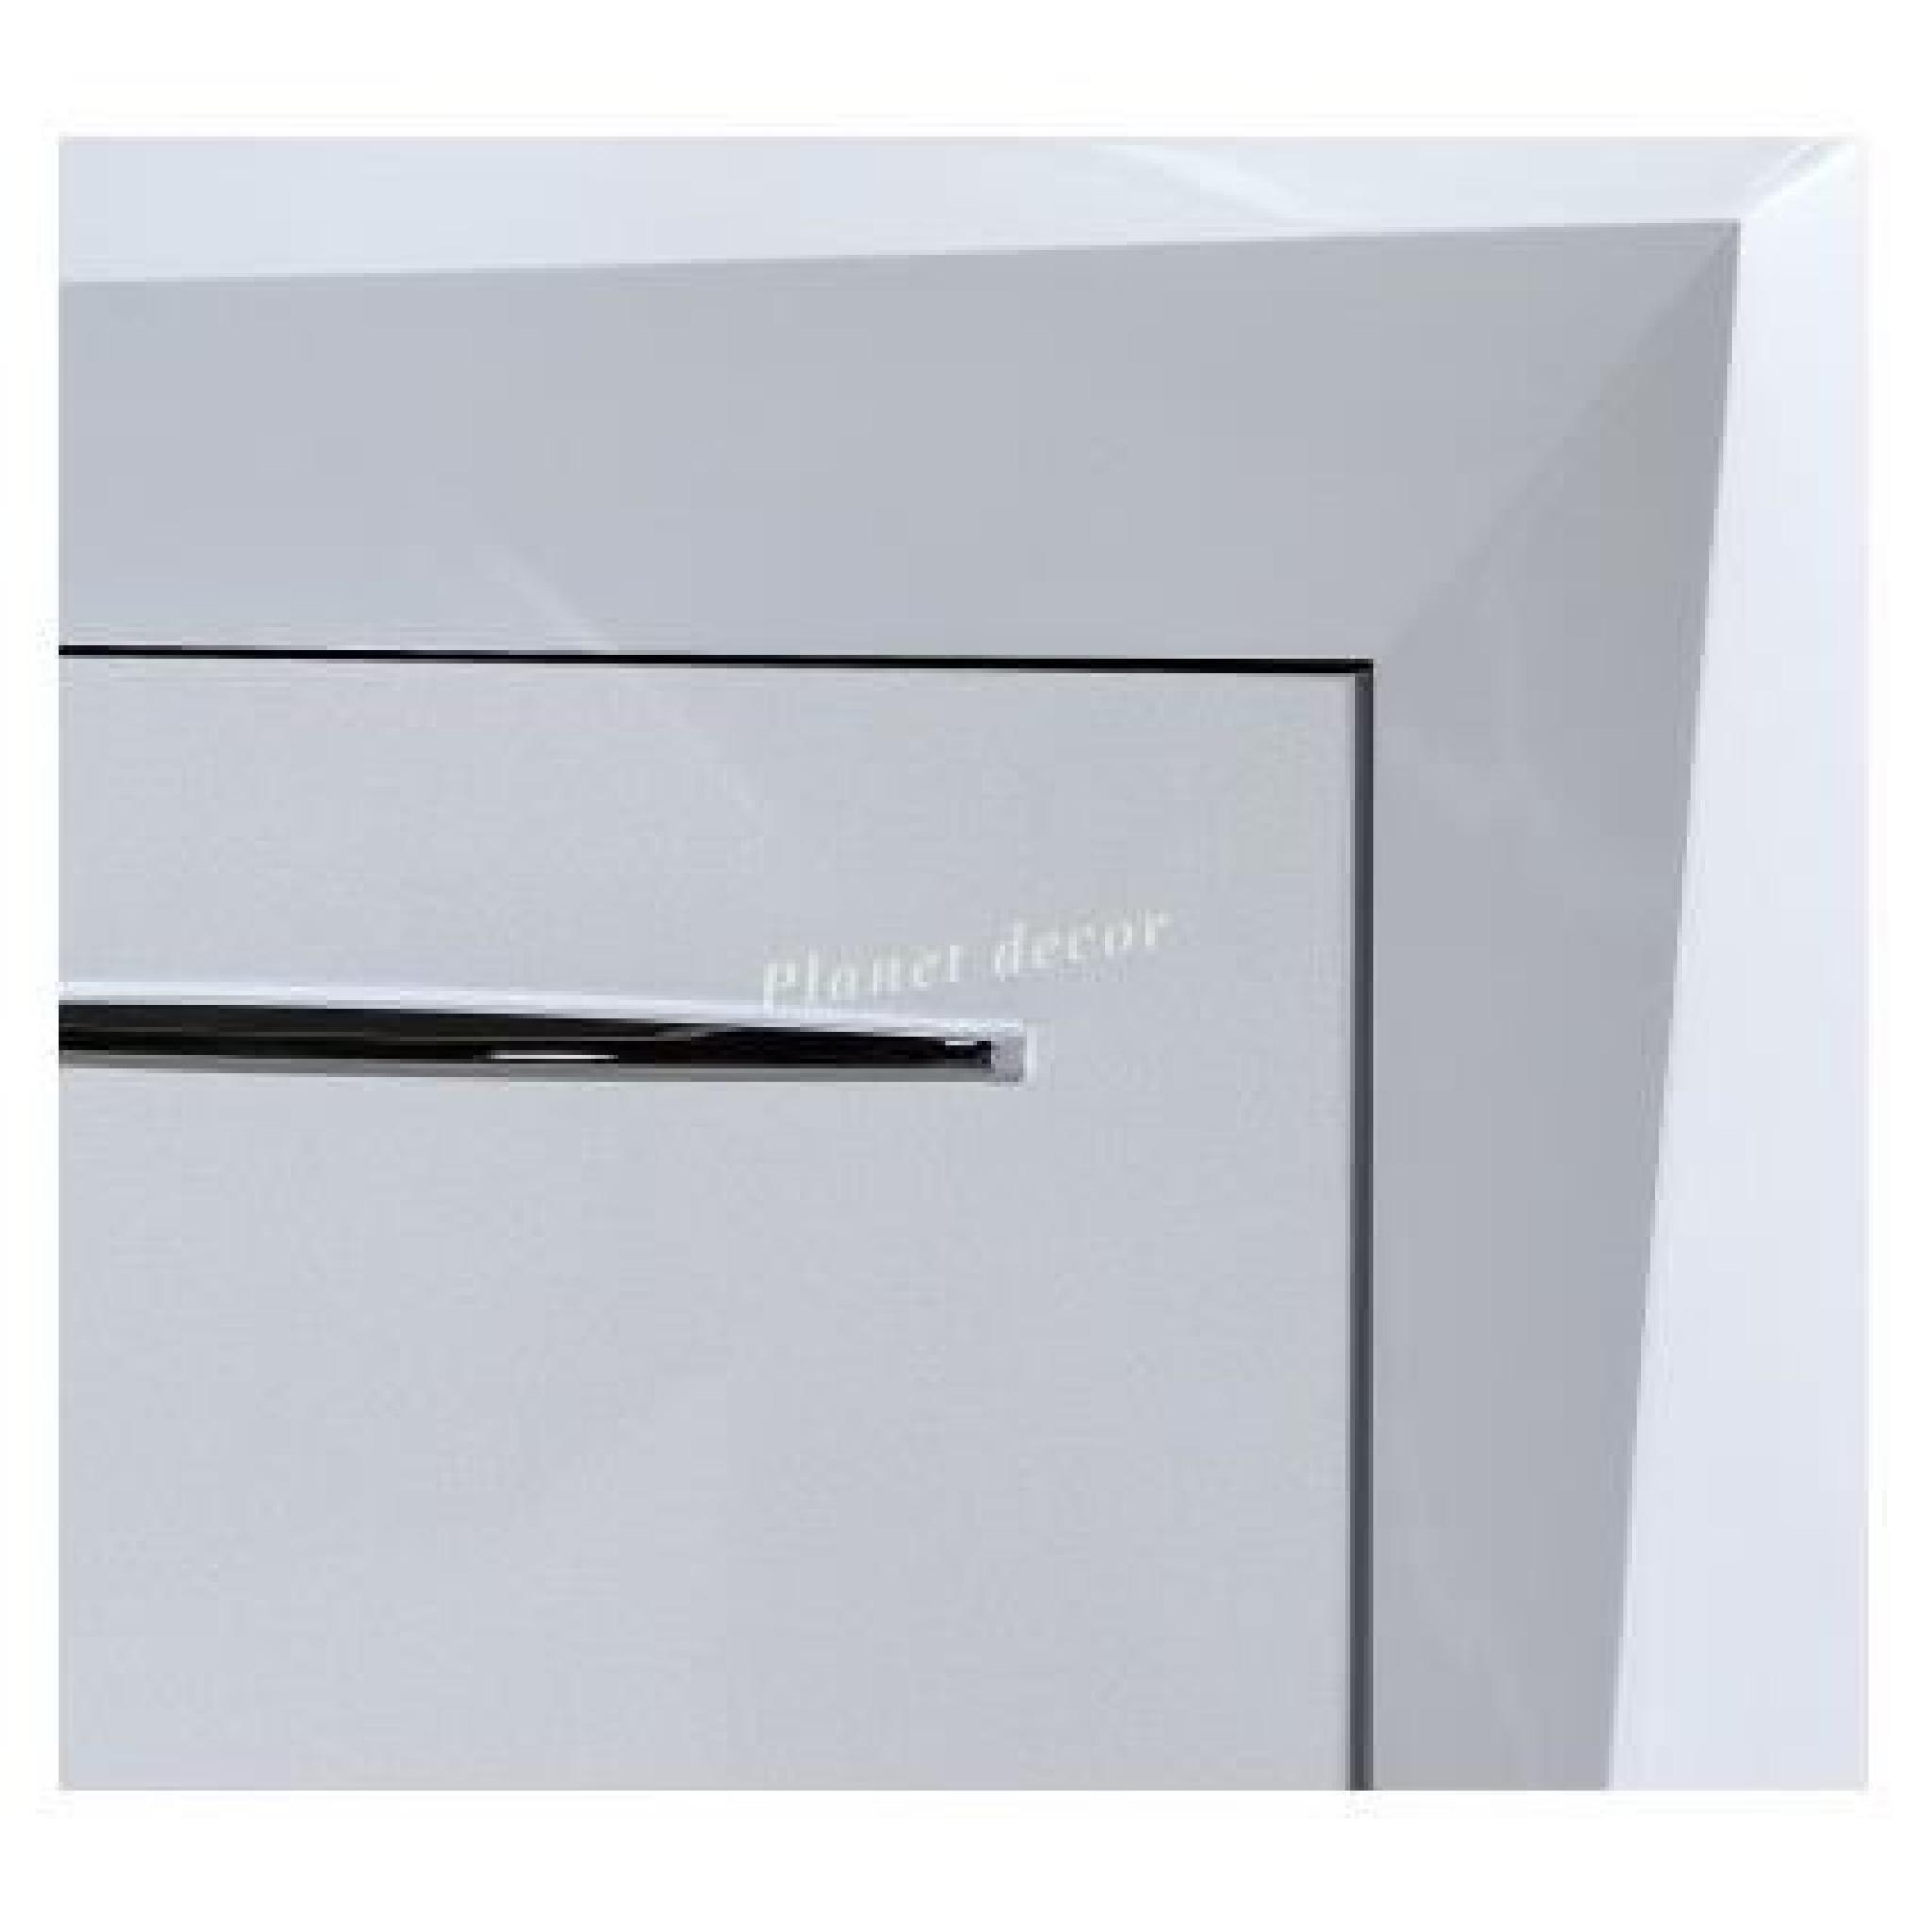 Bahut 4 portes 1 tiroir blanc laqué modele brook 76 Achat